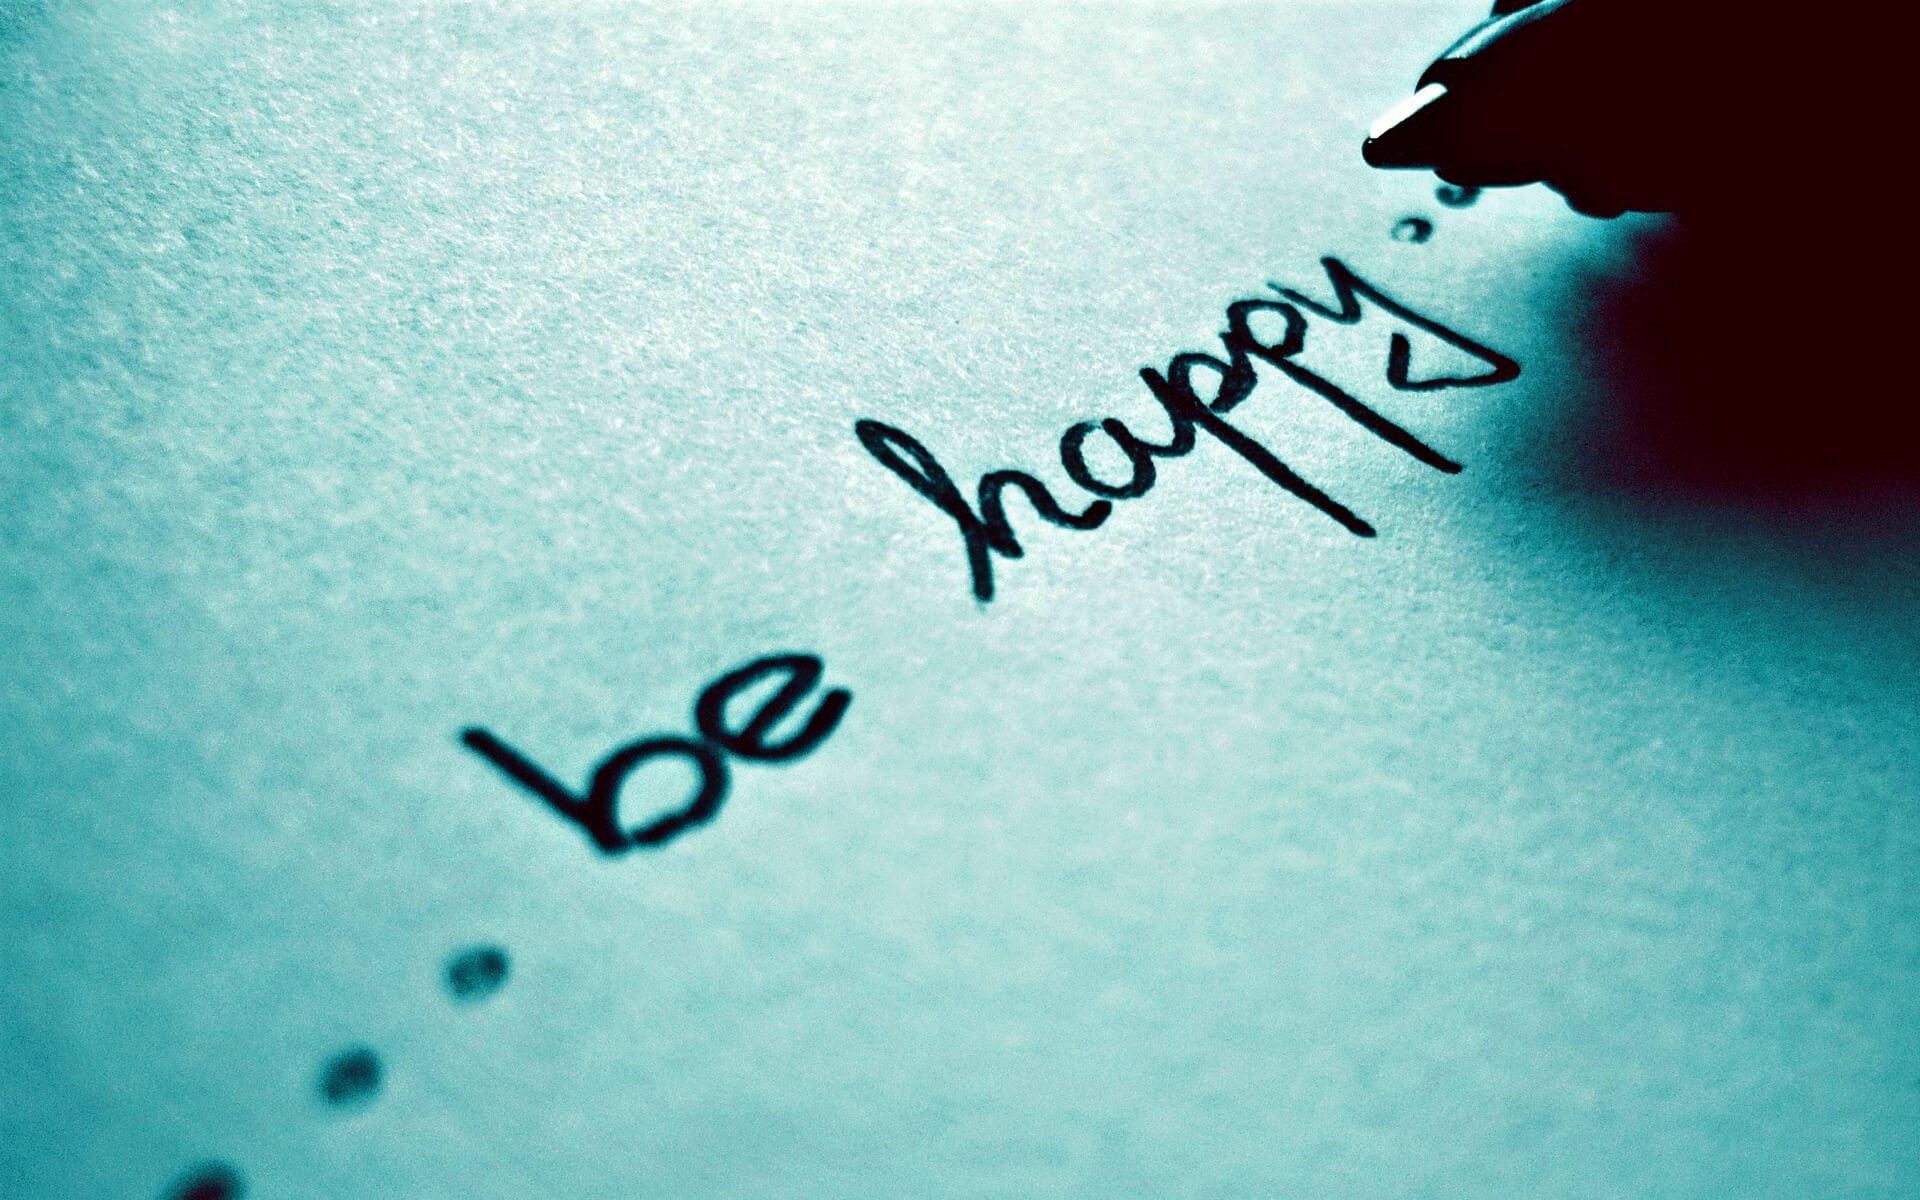 Be-Happy-Desktop-Backgrounds-2